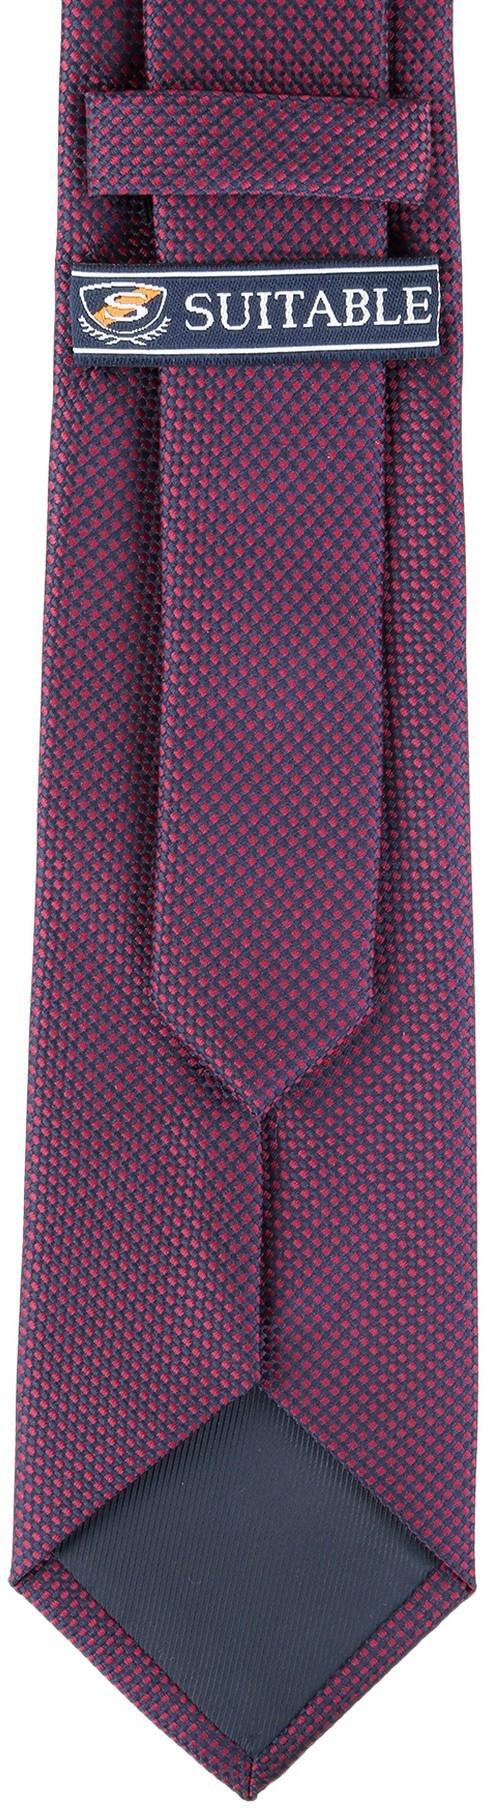 Krawatte Seide Karo Bordeaux 9-17 foto 3